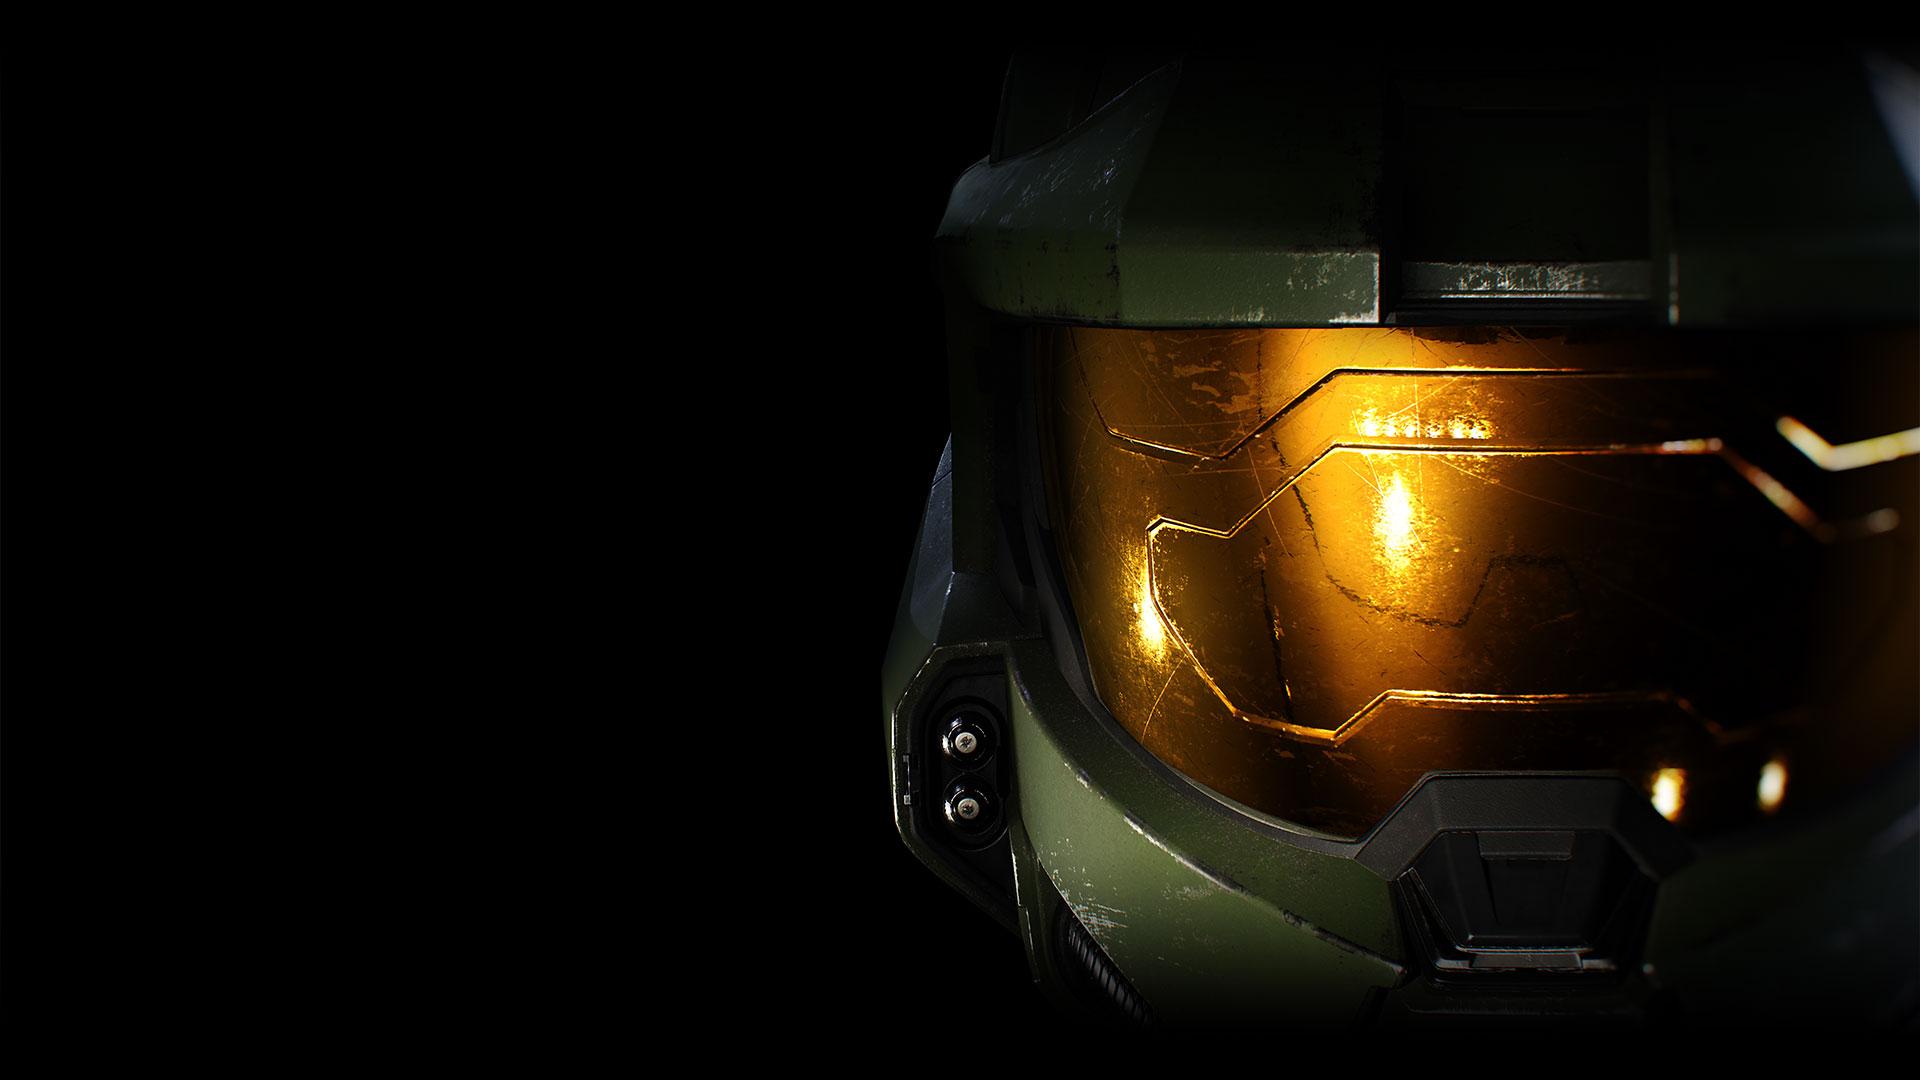 Gros plan sur le casque du personnage de Halo